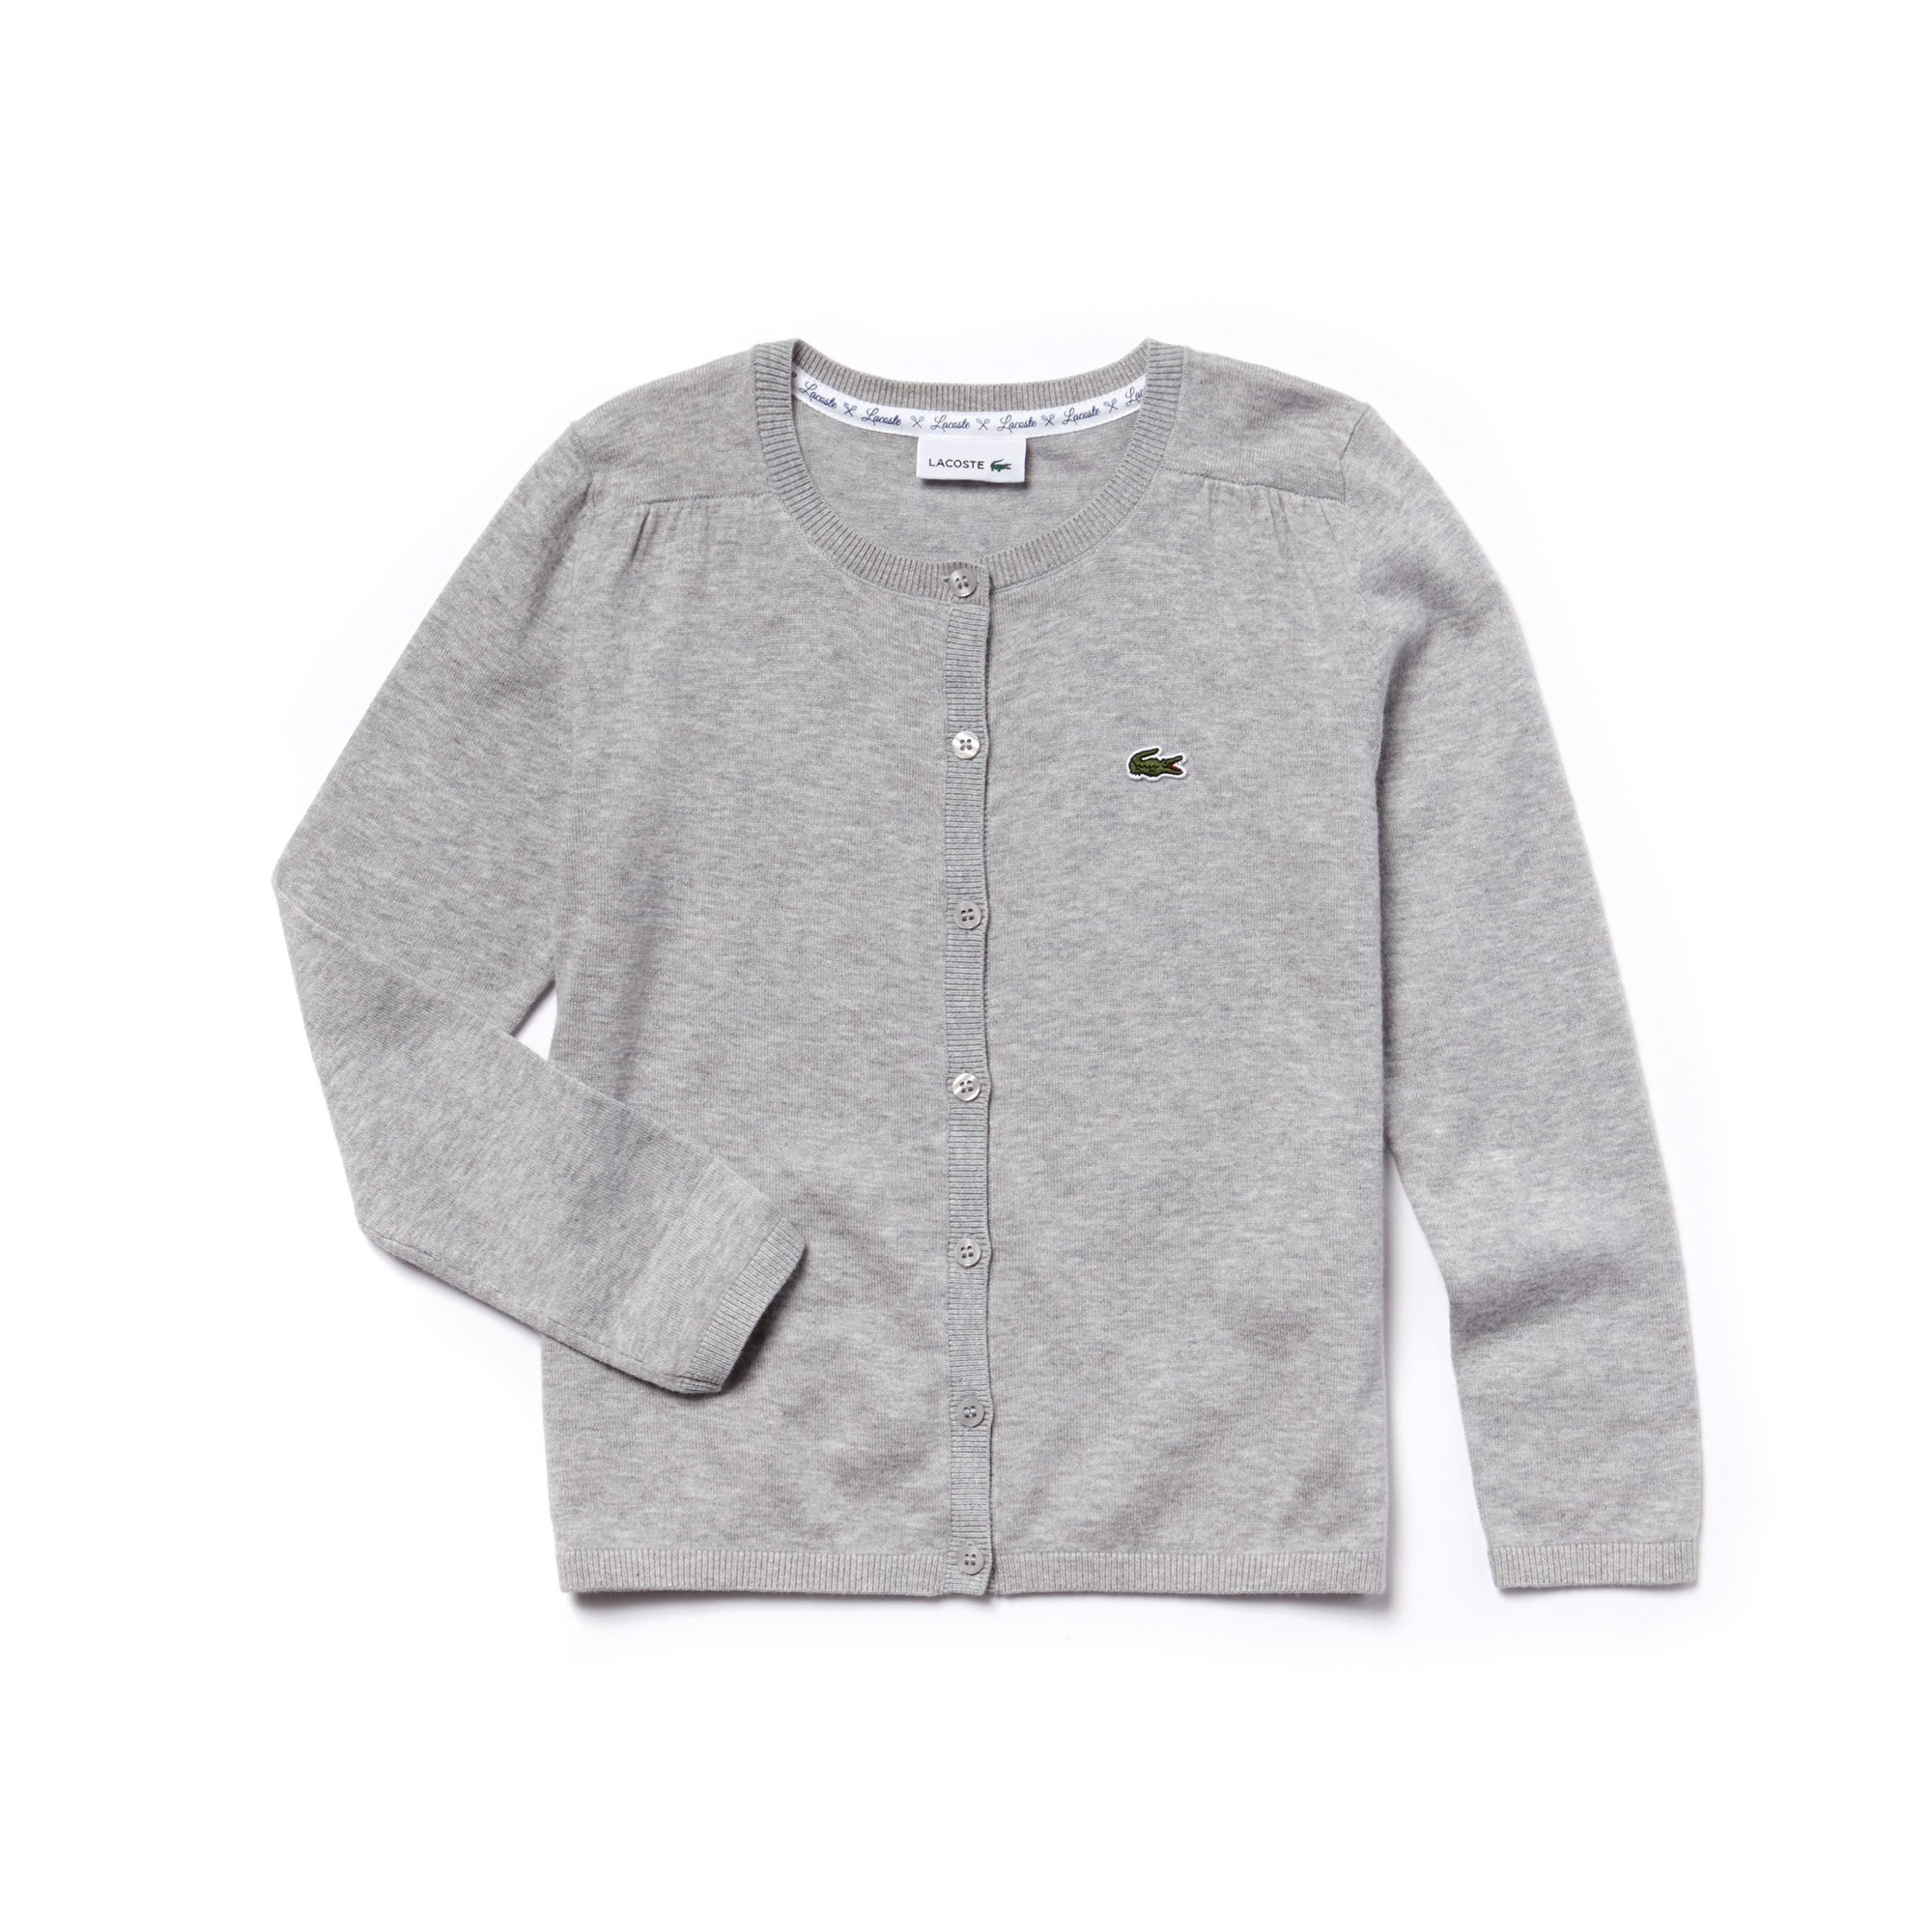 Pullover con bottoni Bambina in jersey di cotone e lana tinta unita